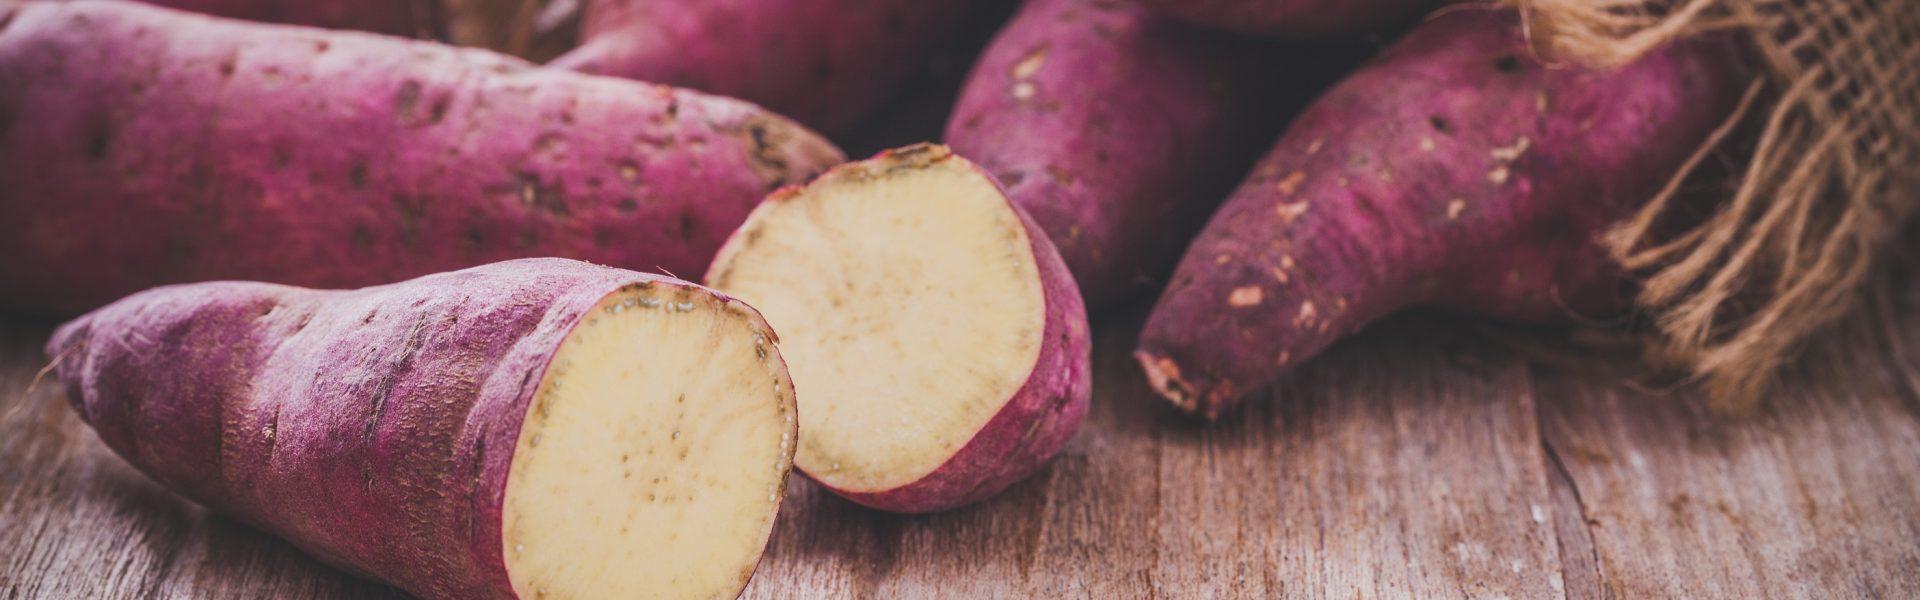 Otázka: Jsou batáty lepší než brambory?